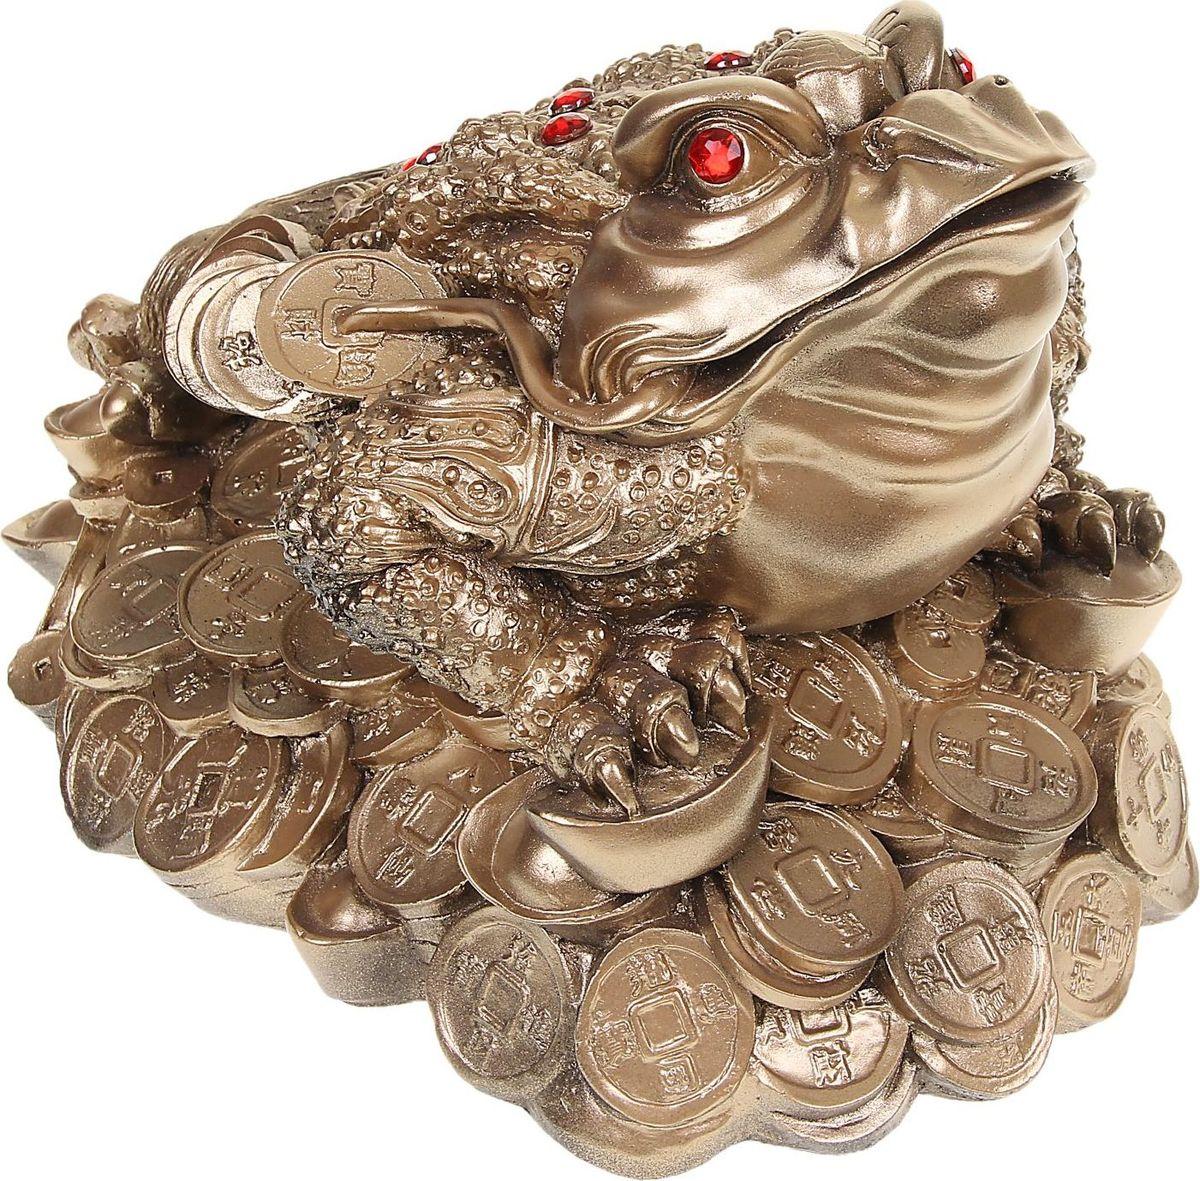 Копилка Premium Gips Денежная жаба, 25 х 32 х 24 см1067091Хотите накопить на свою заветную мечту? С помощью данного изделия вы сможете сделать это без удара по бюджету! Трёхлапая жаба с монеткой во рту является очень сильным денежным талисманом, который приносит богатство, финансовую удачу и процветание. Иногда это животное используют как символ долголетия, потому что некоторые их виды живут до 40 лет.Согласно фэн-шуй, копилки с деньгами целесообразно хранить в западной или северо-западной частях помещения.Обращаем ваше внимание, что копилка является одноразовой.